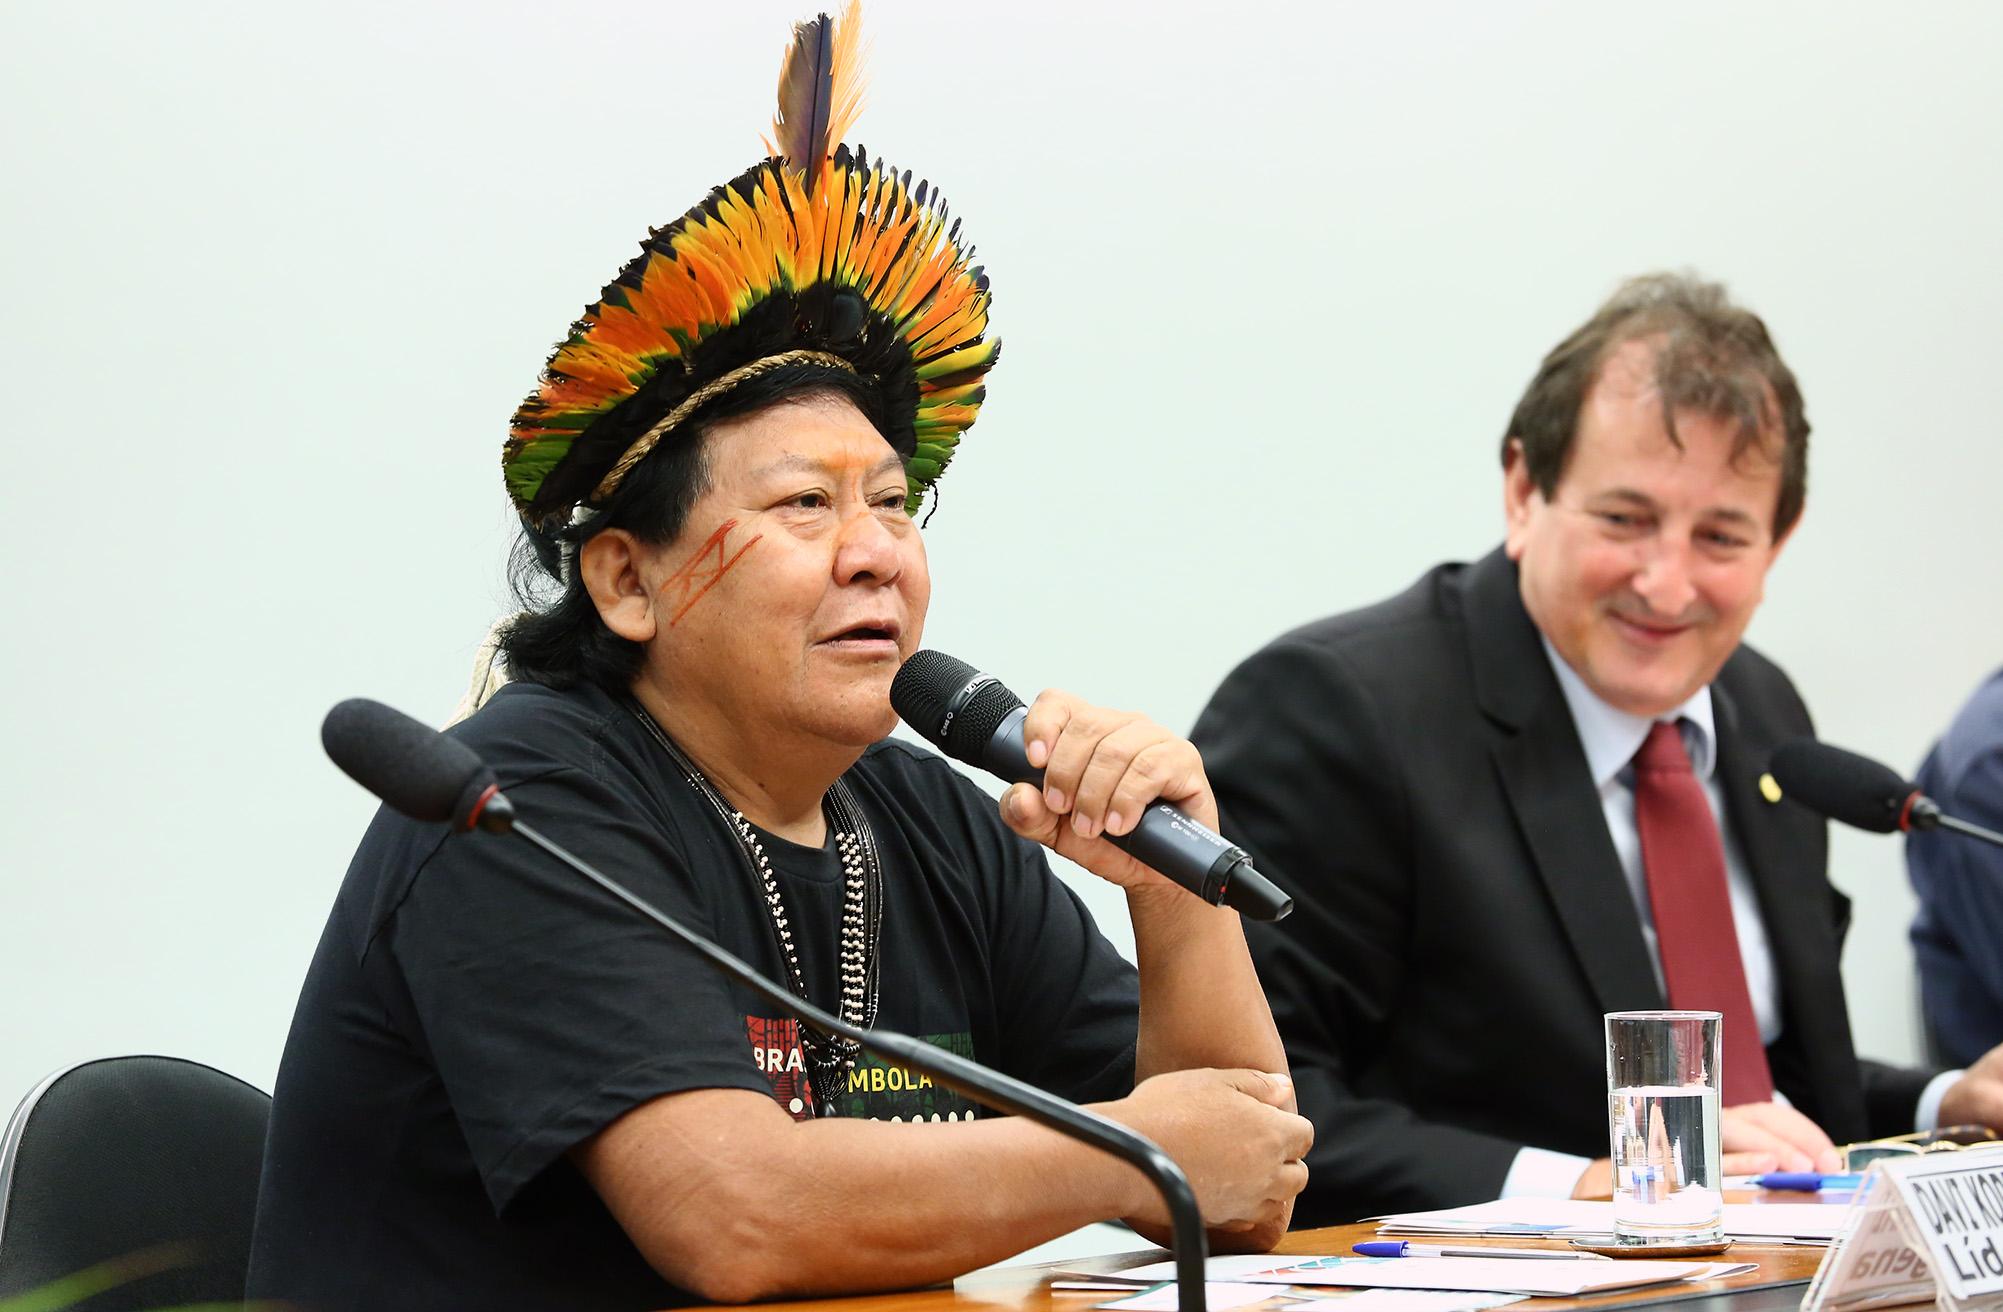 Seminário - Percepções e experiências dos Povos Indígenas no Contexto das Mudanças Climáticas. líder indígena, Davi Kopenawa Yanomami